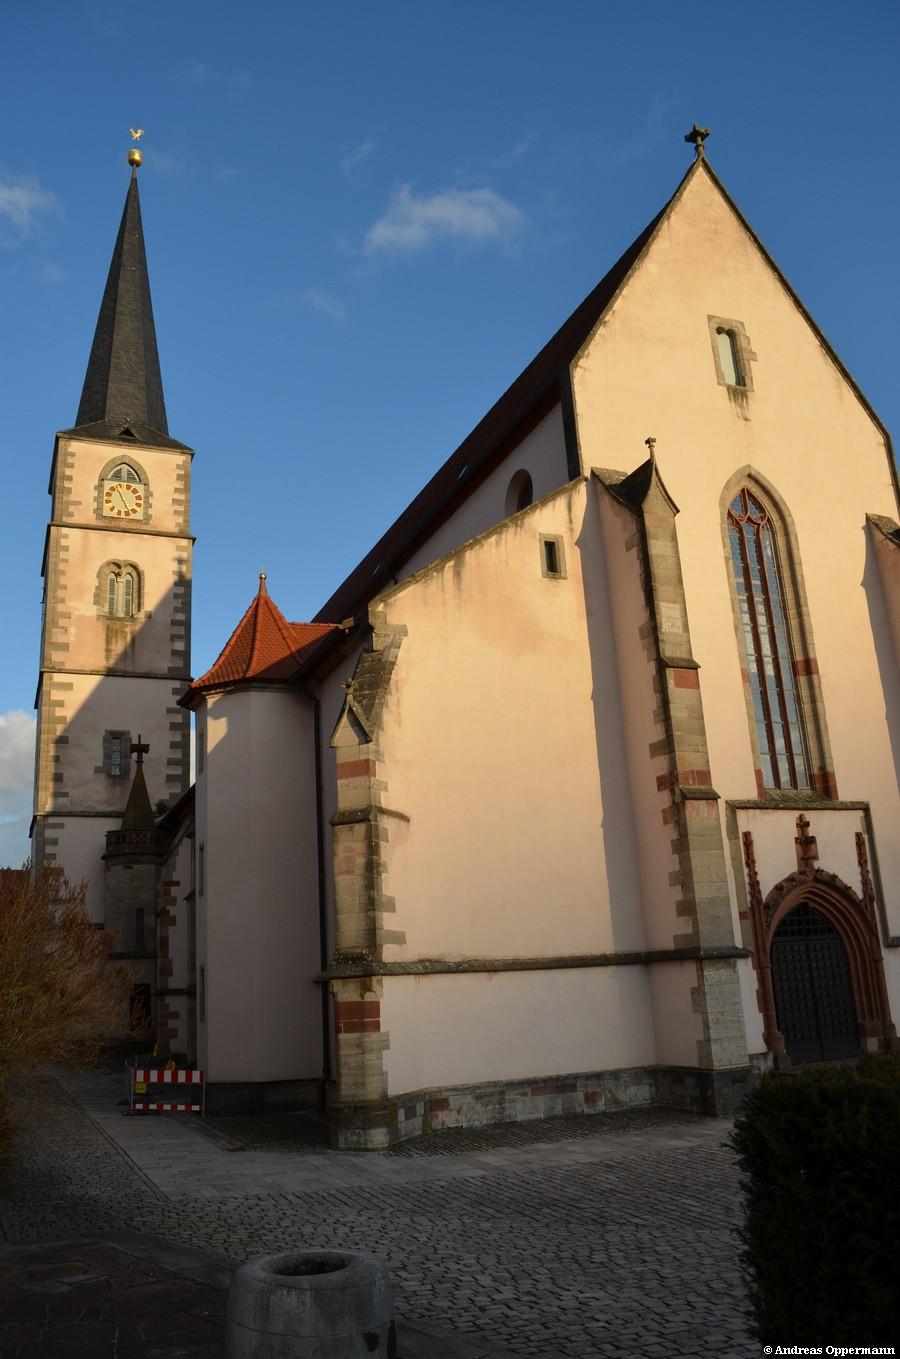 Stadtpfarrkirche Hammelburg 2012 (aus ähnlicher Position, aber im erweiterten Zustand)